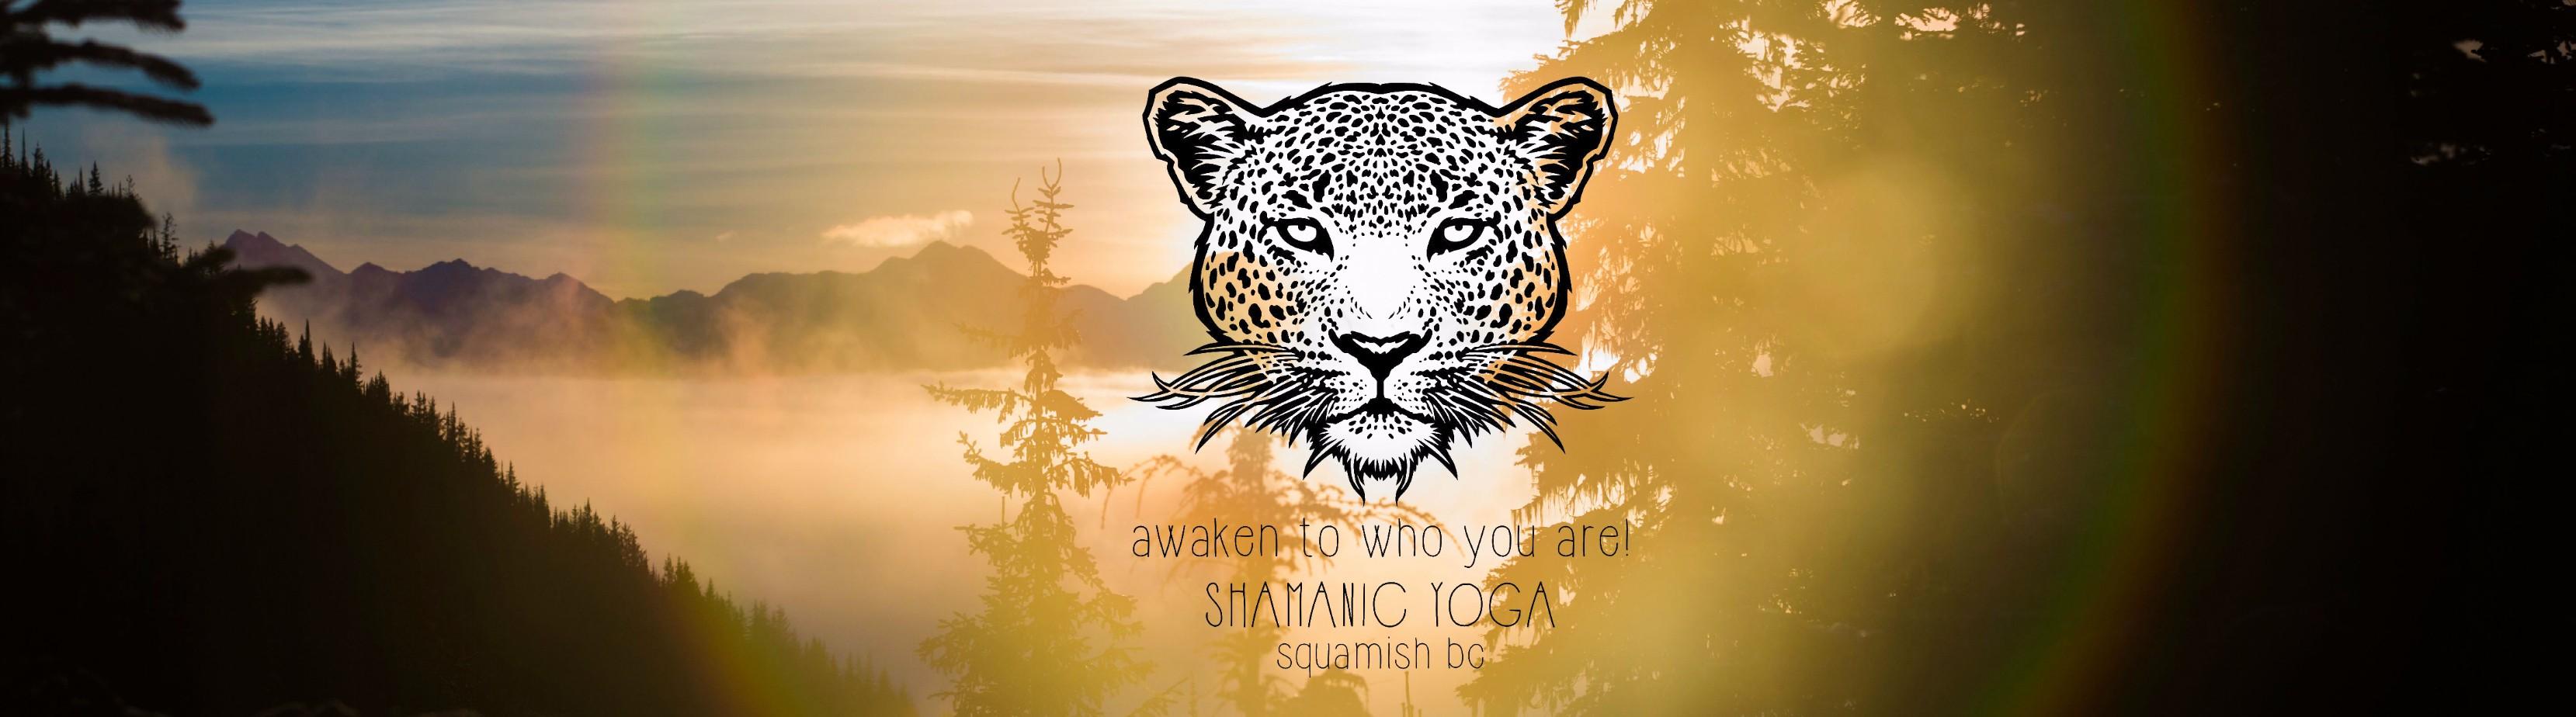 sunglaze jaguar